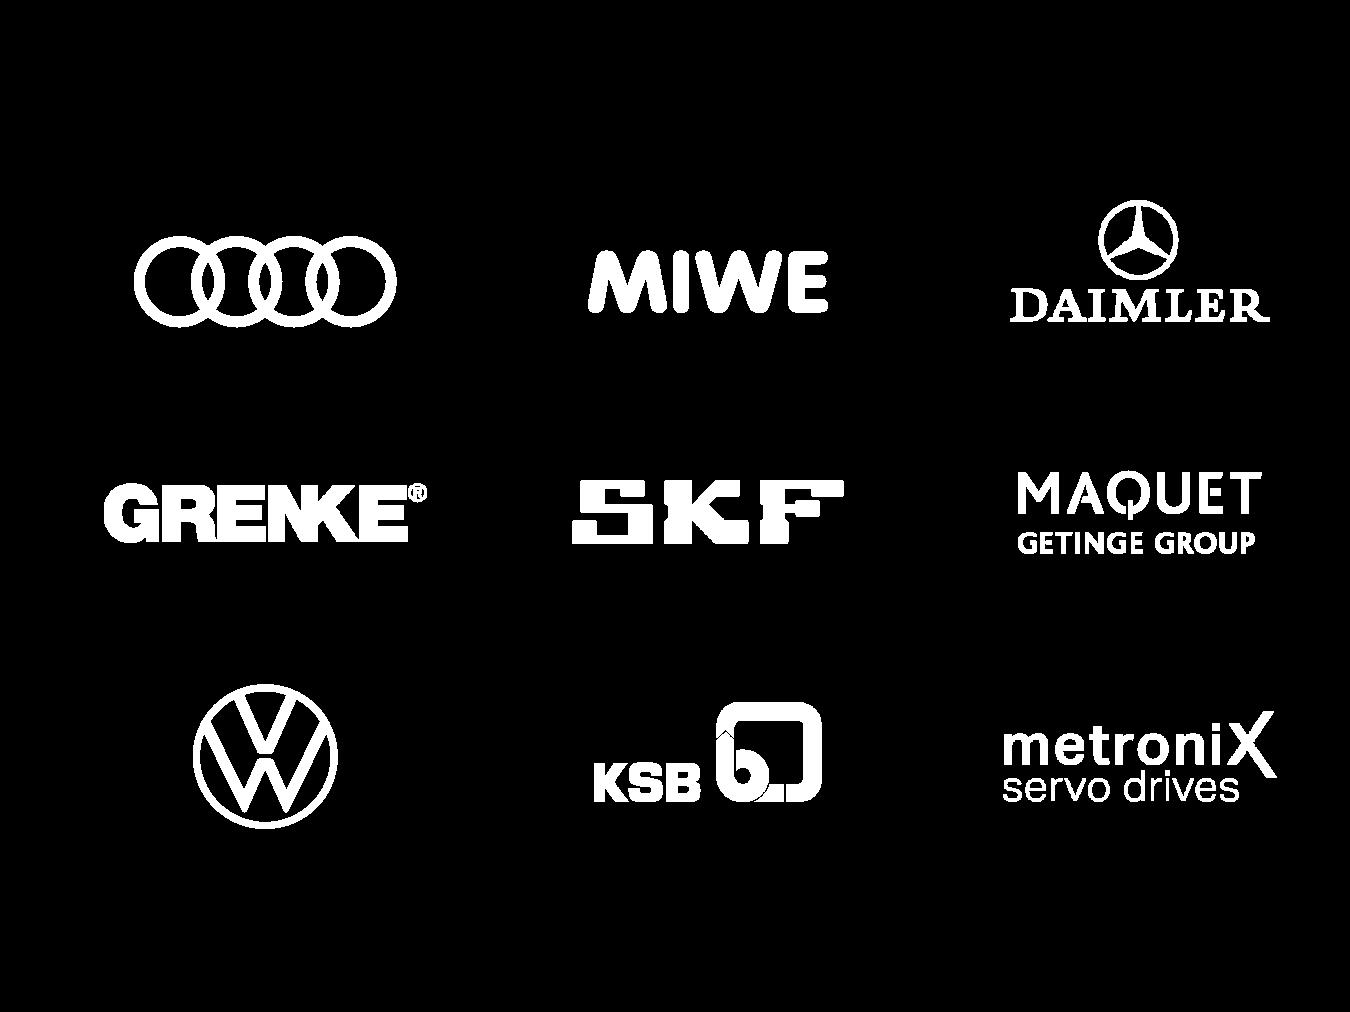 Client first – client logos